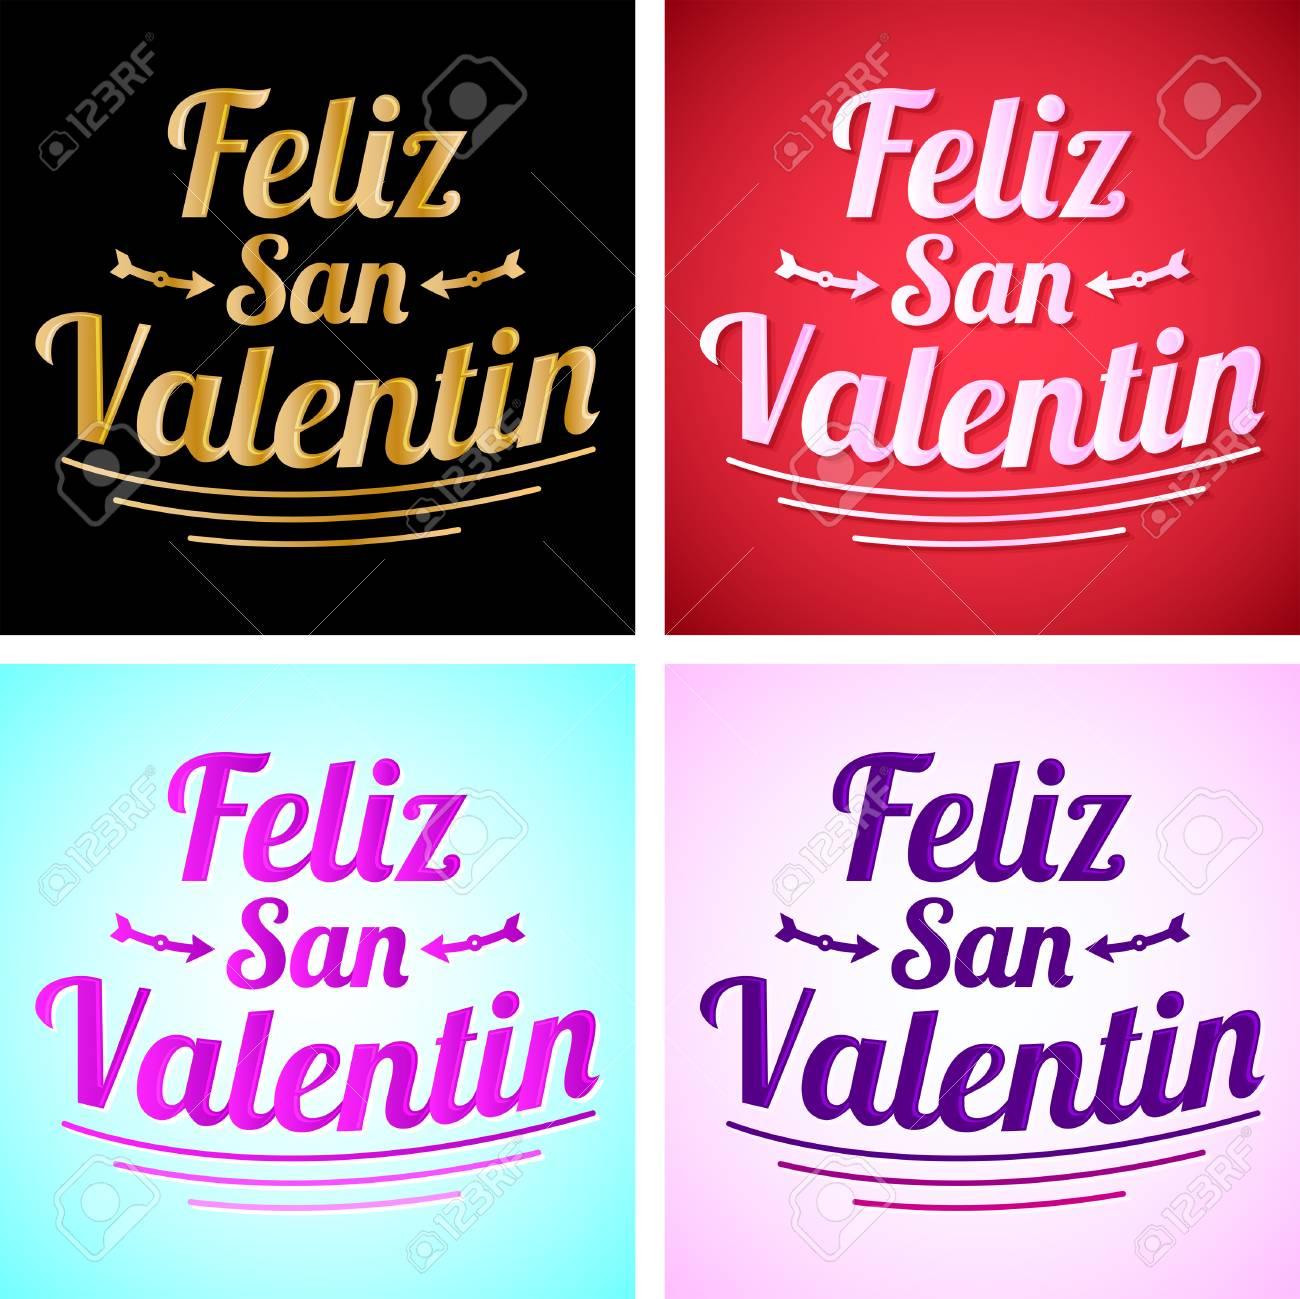 Feliz San Valentin Happy Valentines Day In Spanish Language